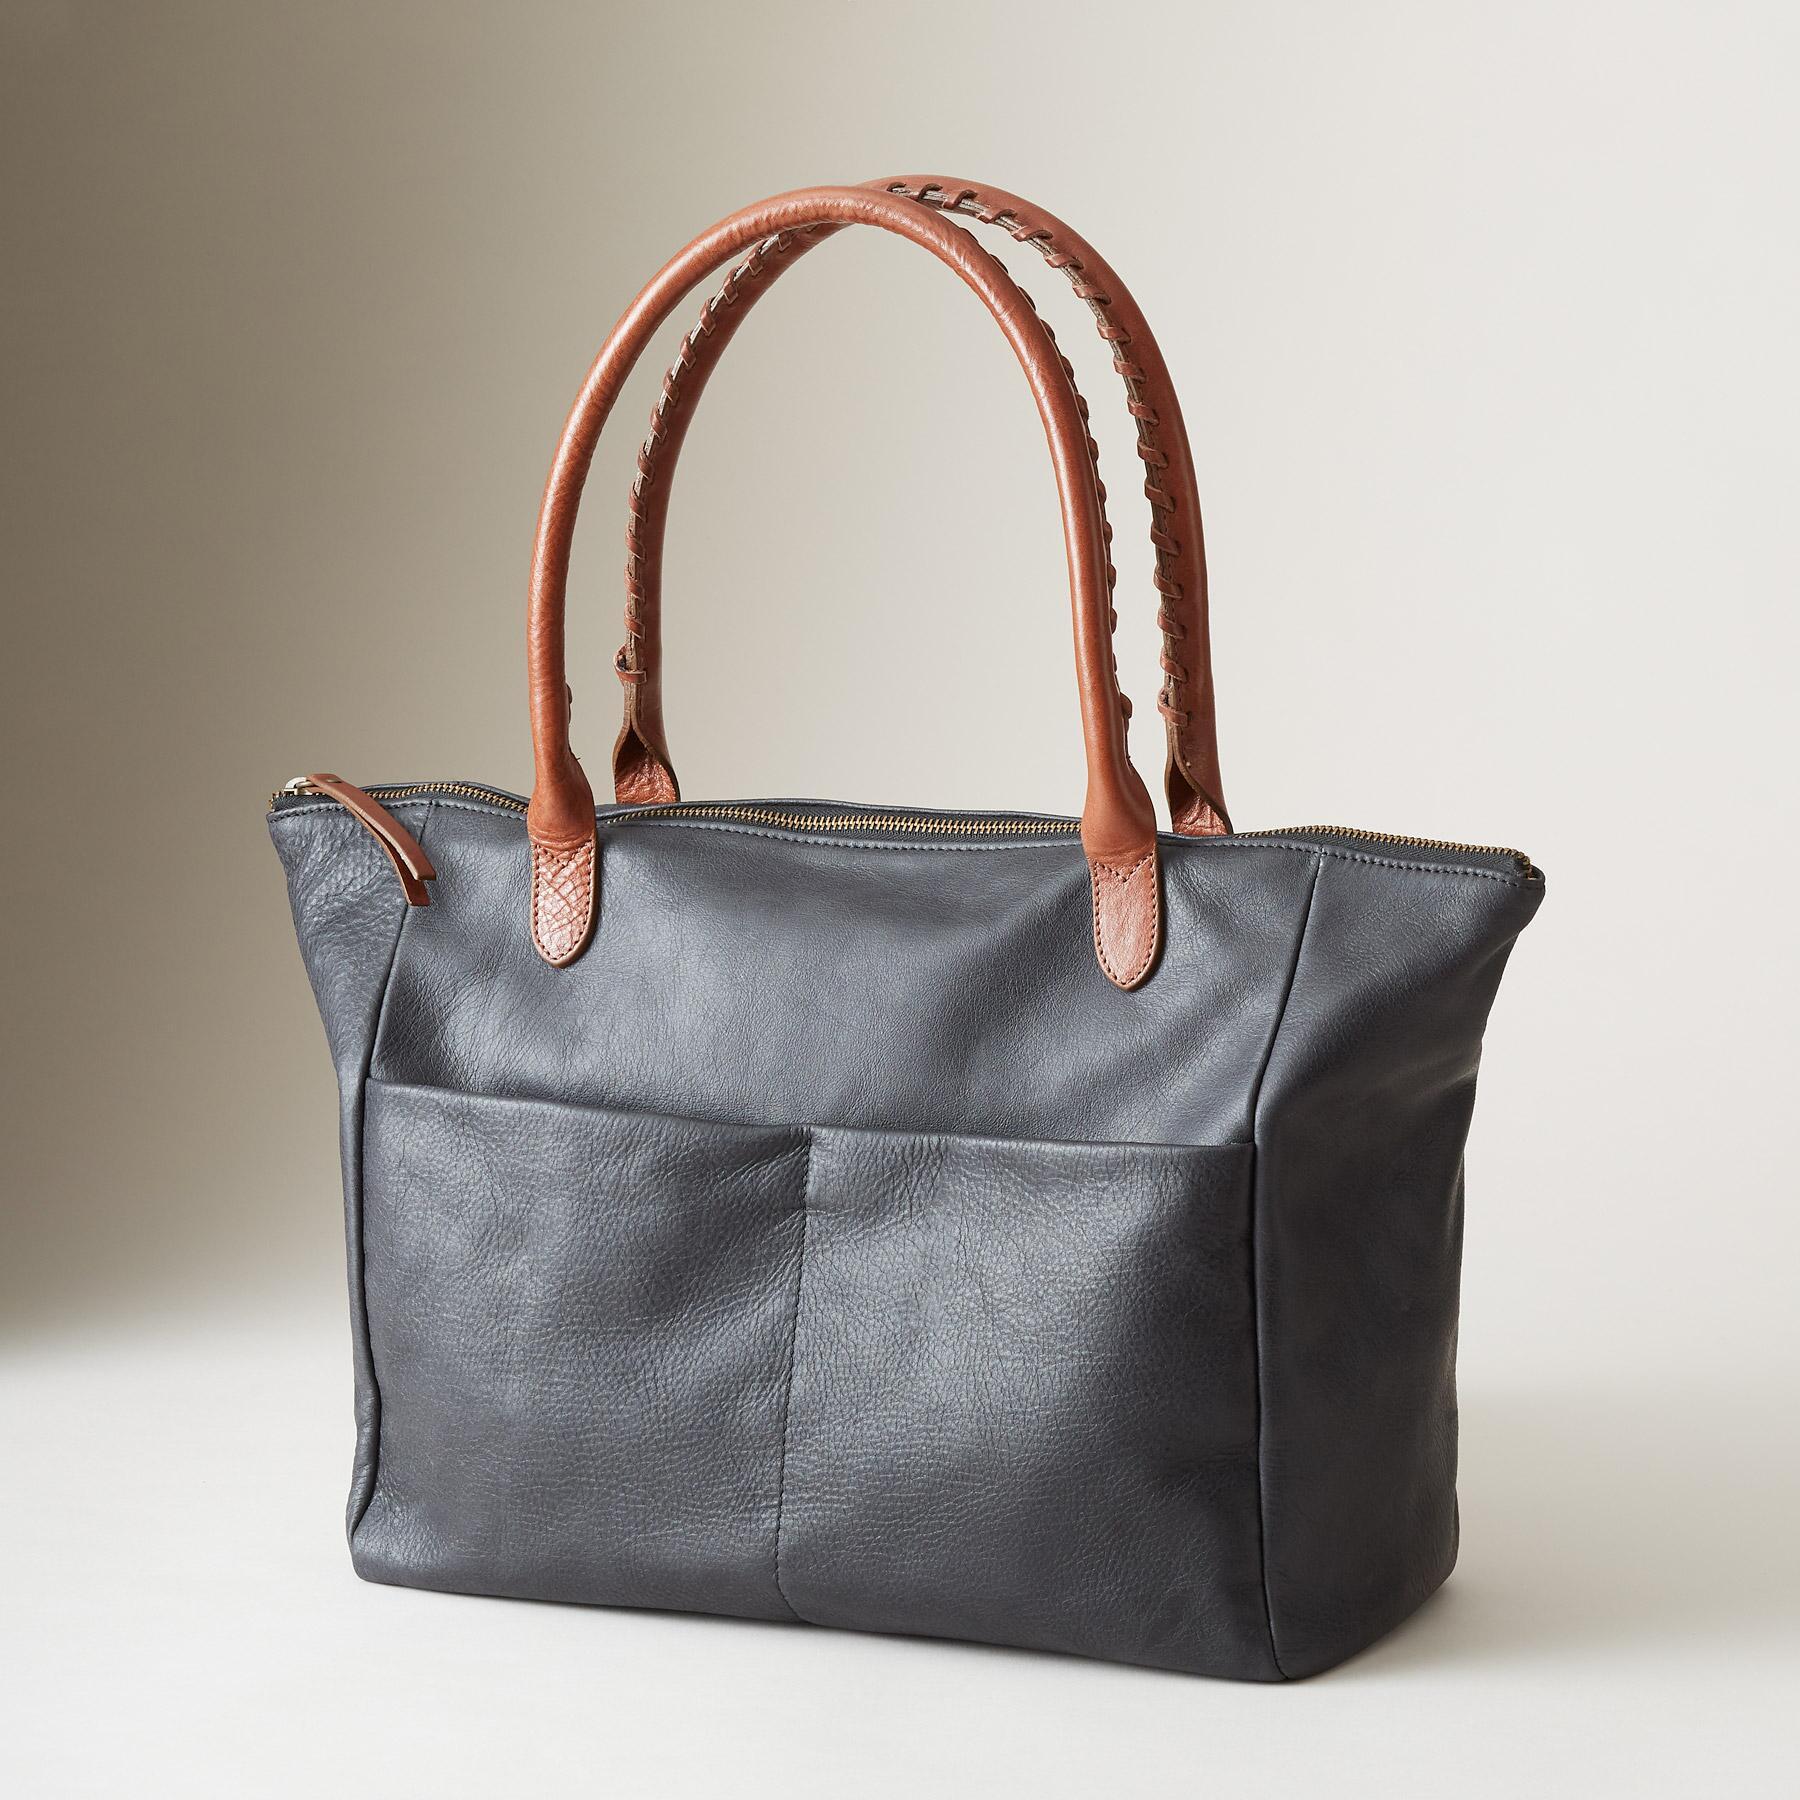 SIMPLICITY TOTE BAG: View 1